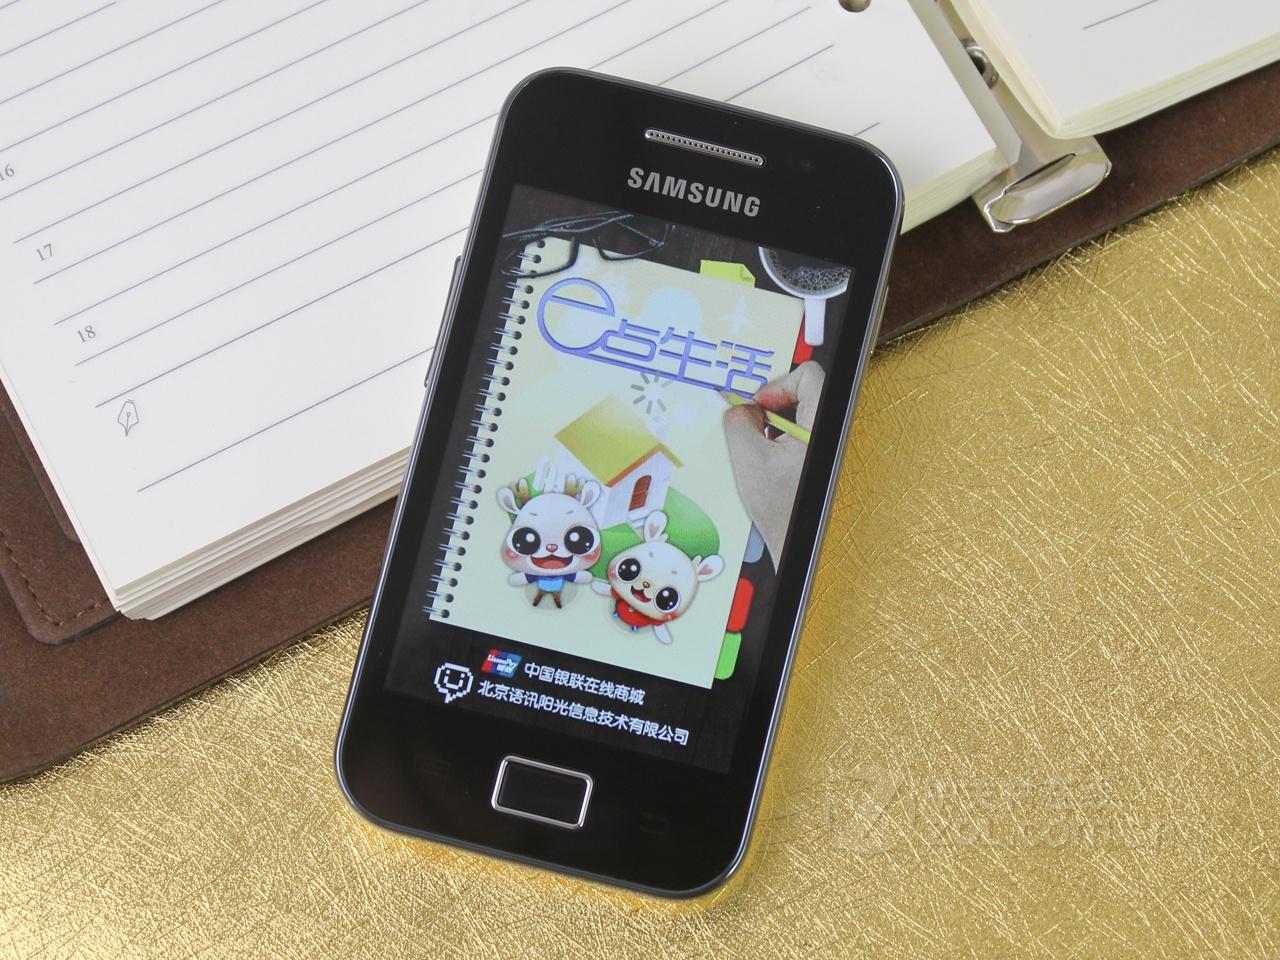 三星s5830手机软件_【重庆三星 S5830(Galaxy Ace)行情】3.5寸主流安卓机 三星S5830重庆 ...